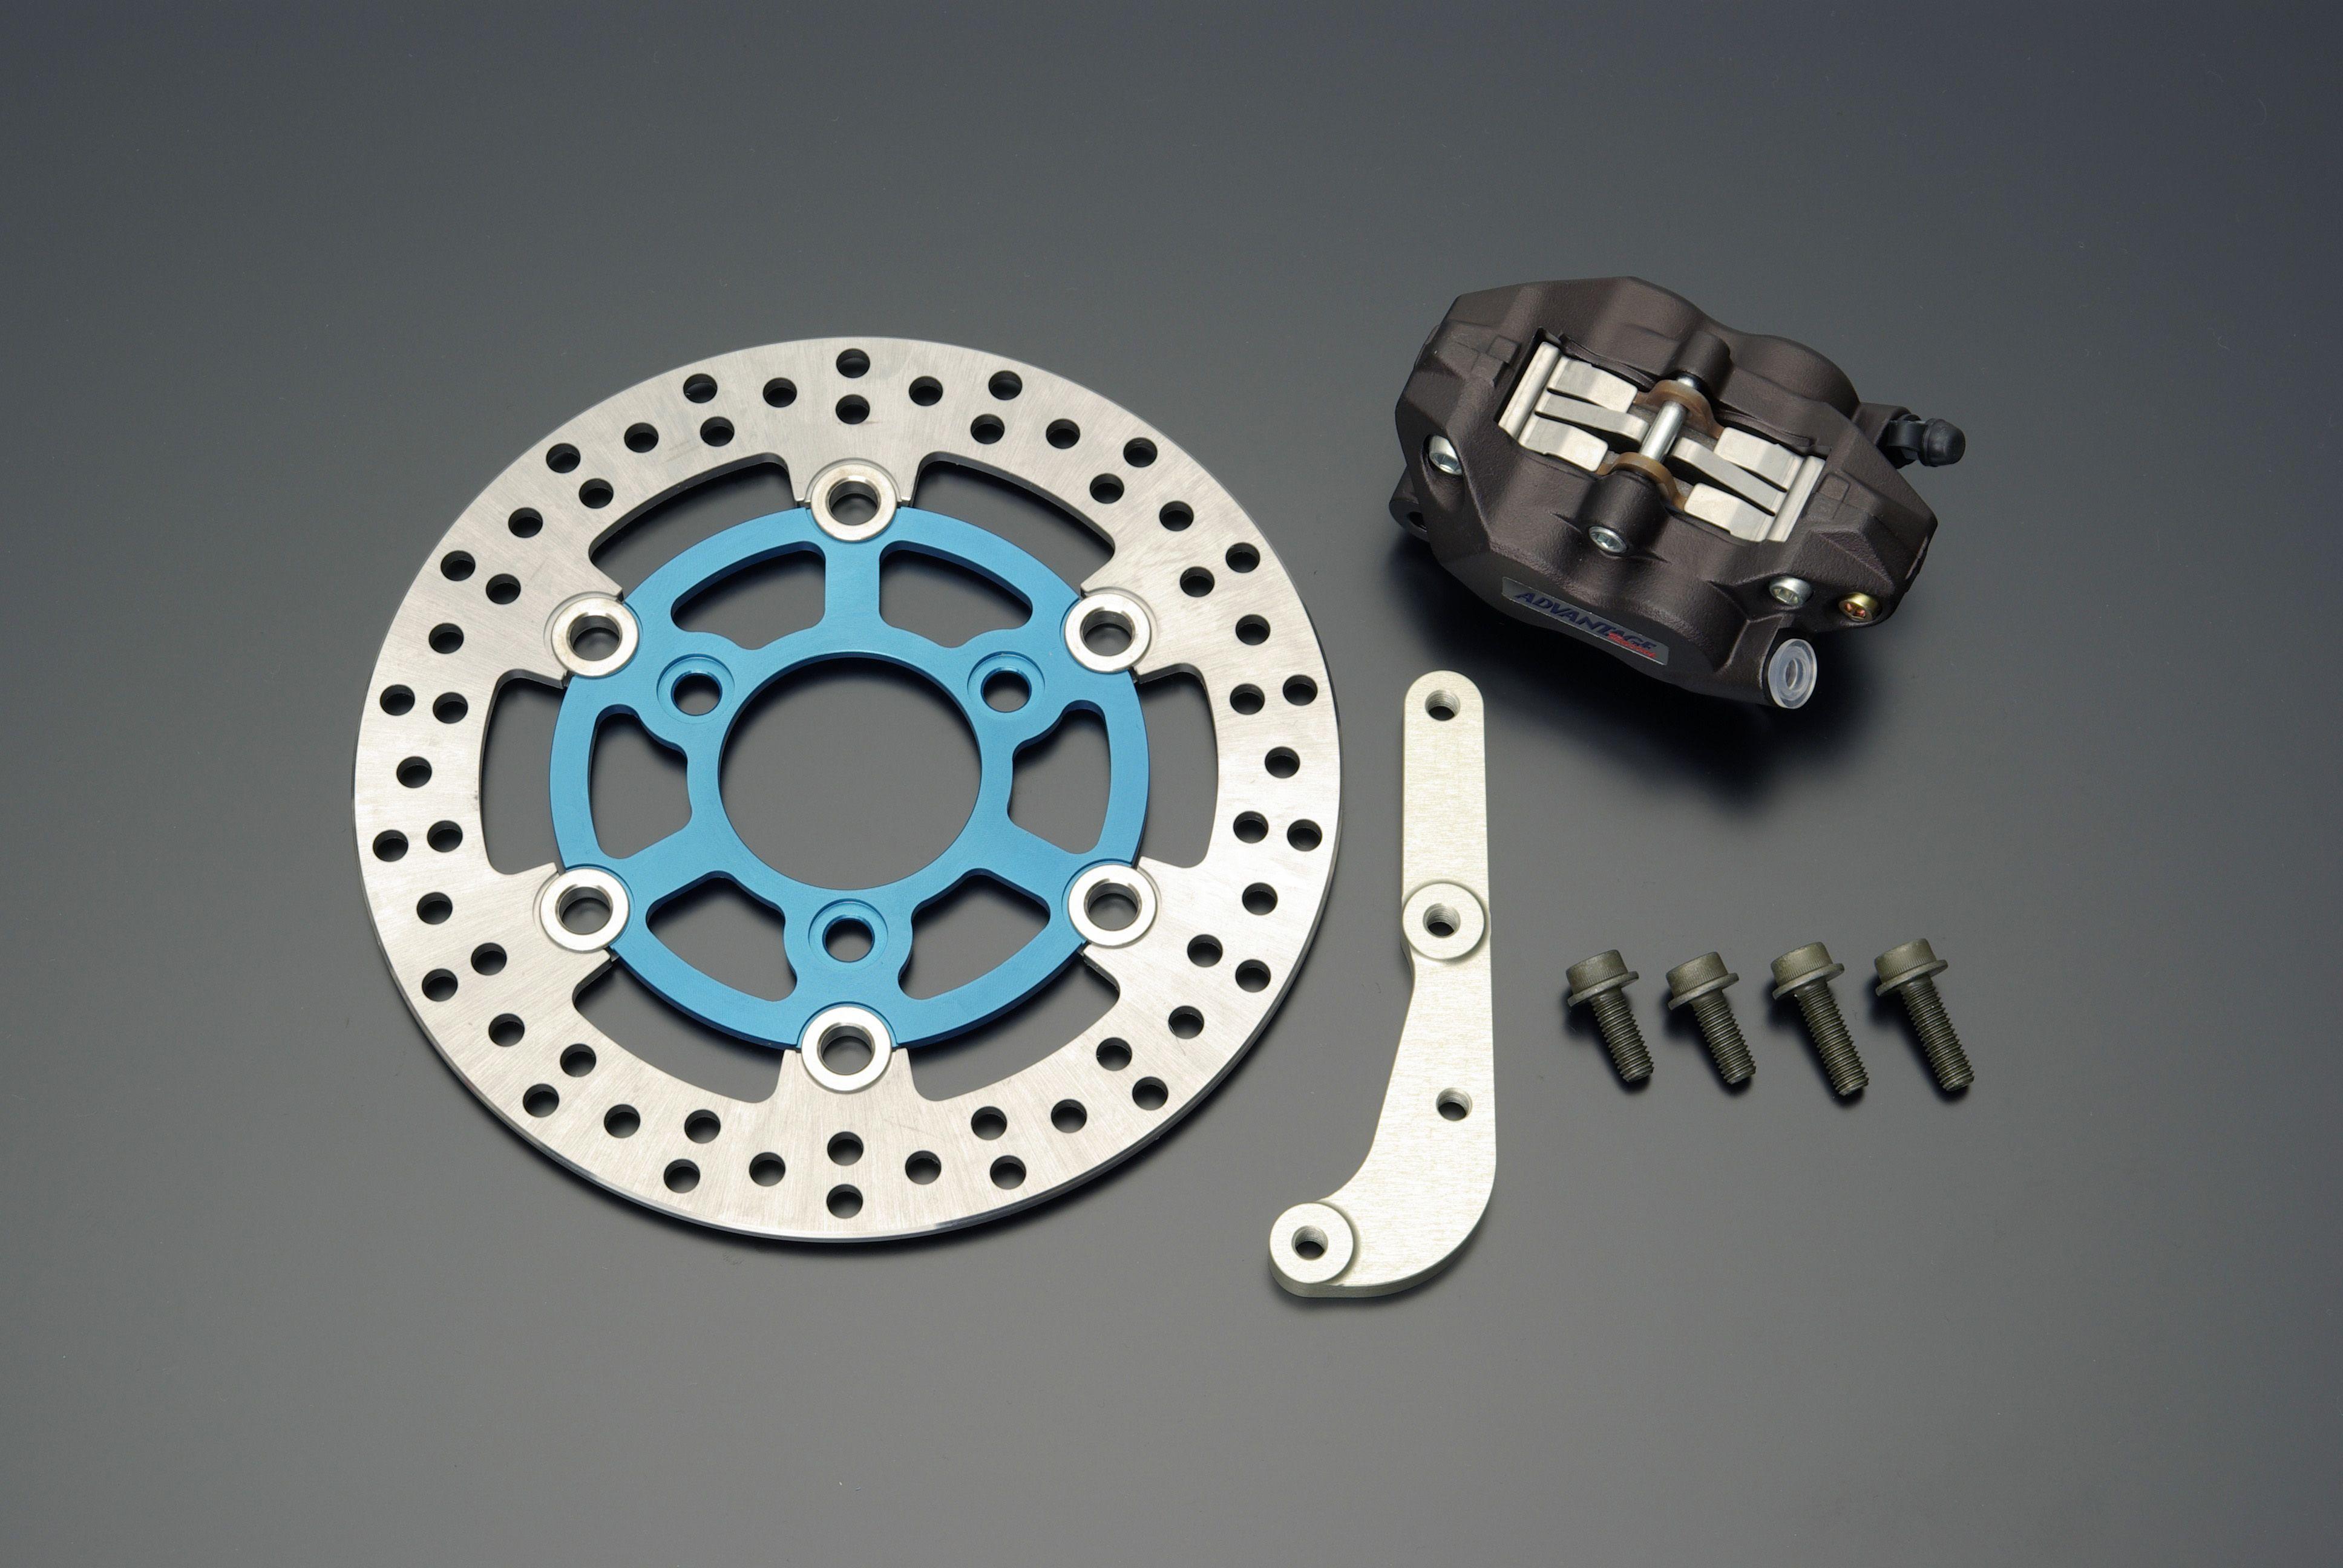 【GRONDEMENT】4POT 煞車卡鉗 前碟煞套件 (藍色) - 「Webike-摩托百貨」